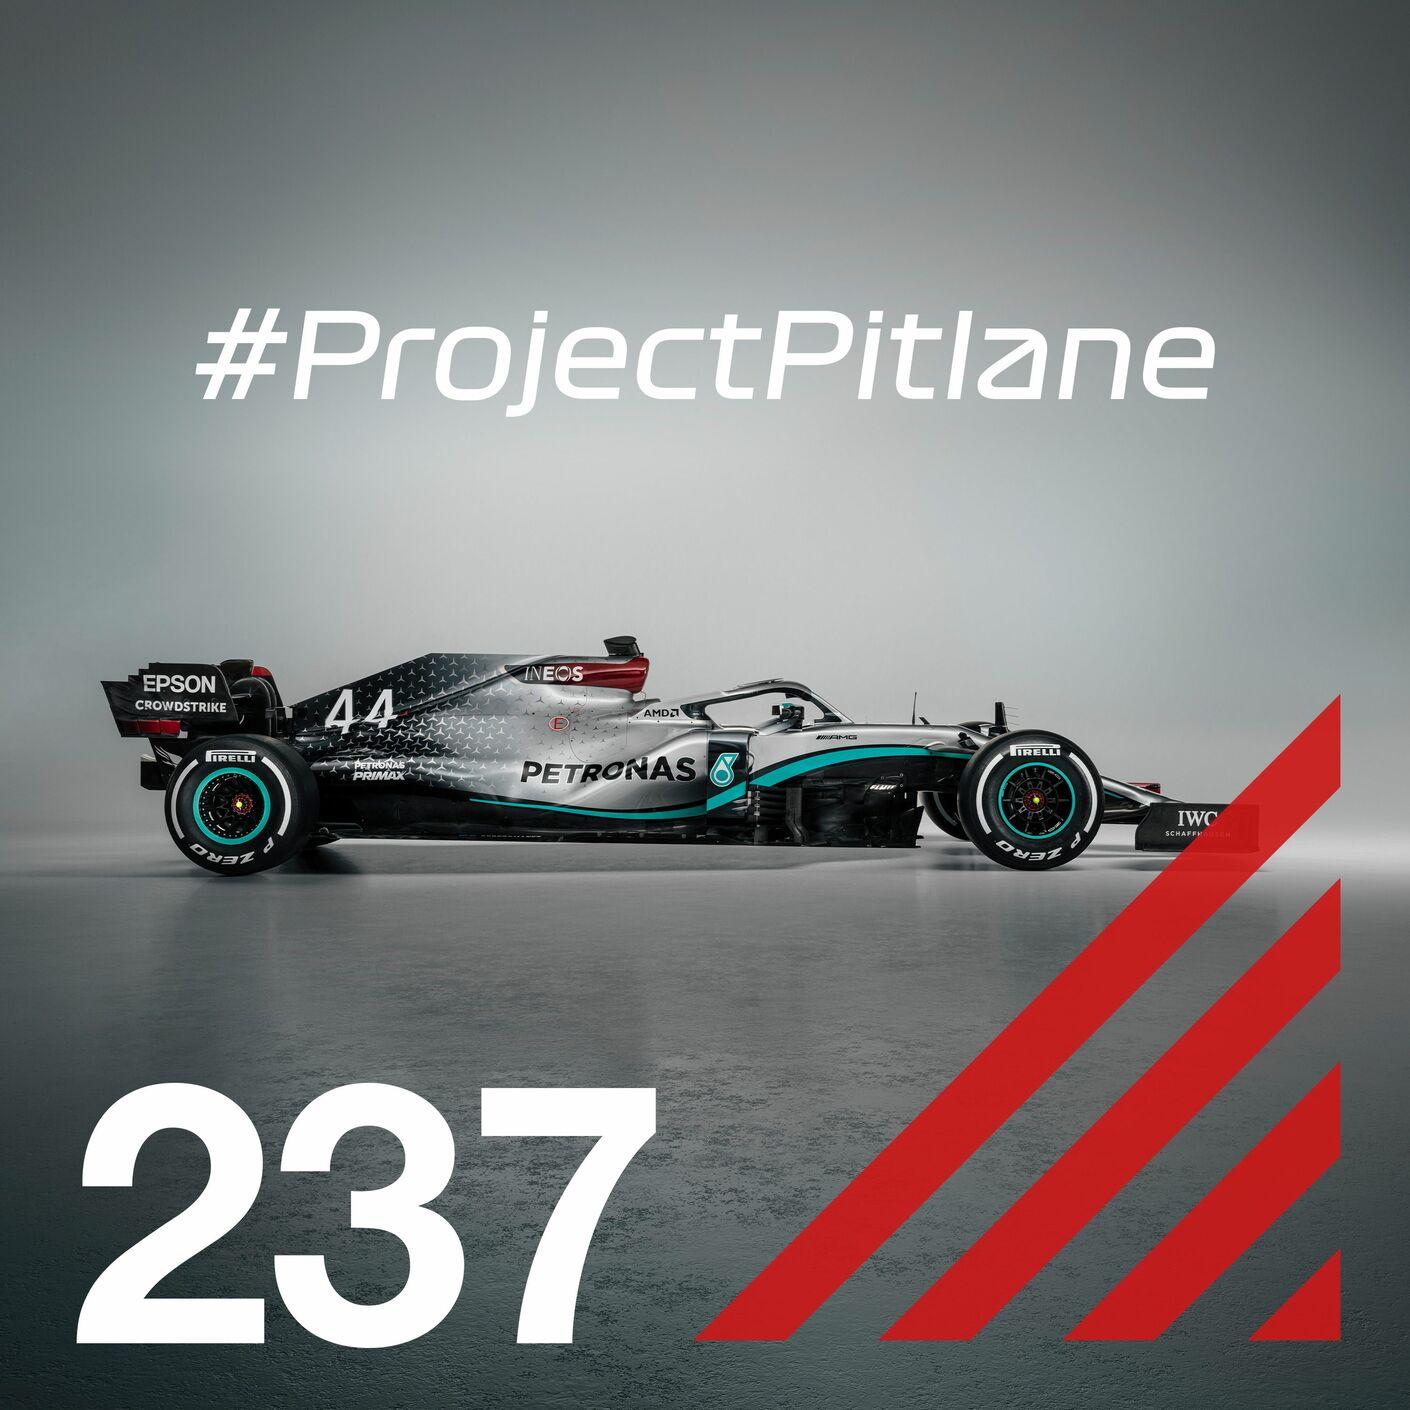 237. Snabb omställning - #projectpitlane